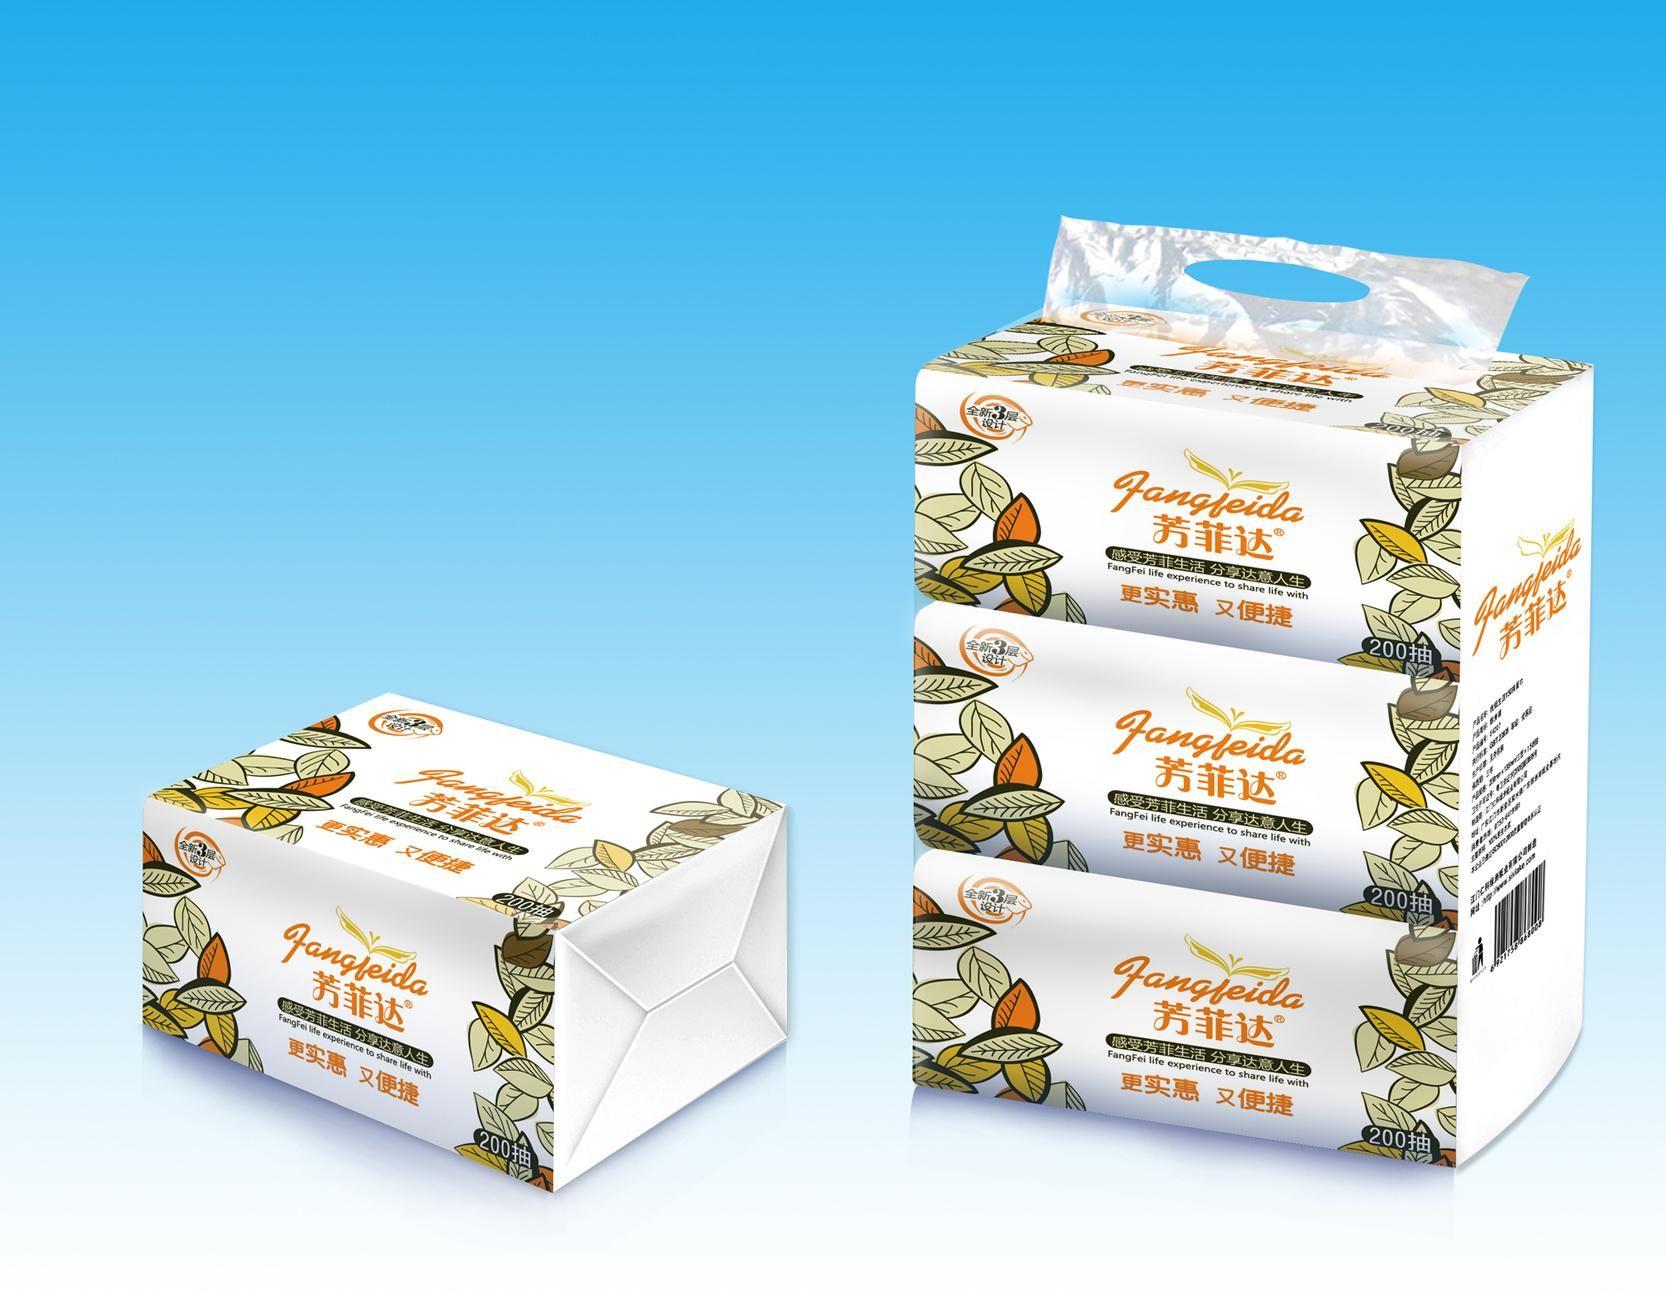 纸巾包装 包装 设计案例 设计师waiwai 设计